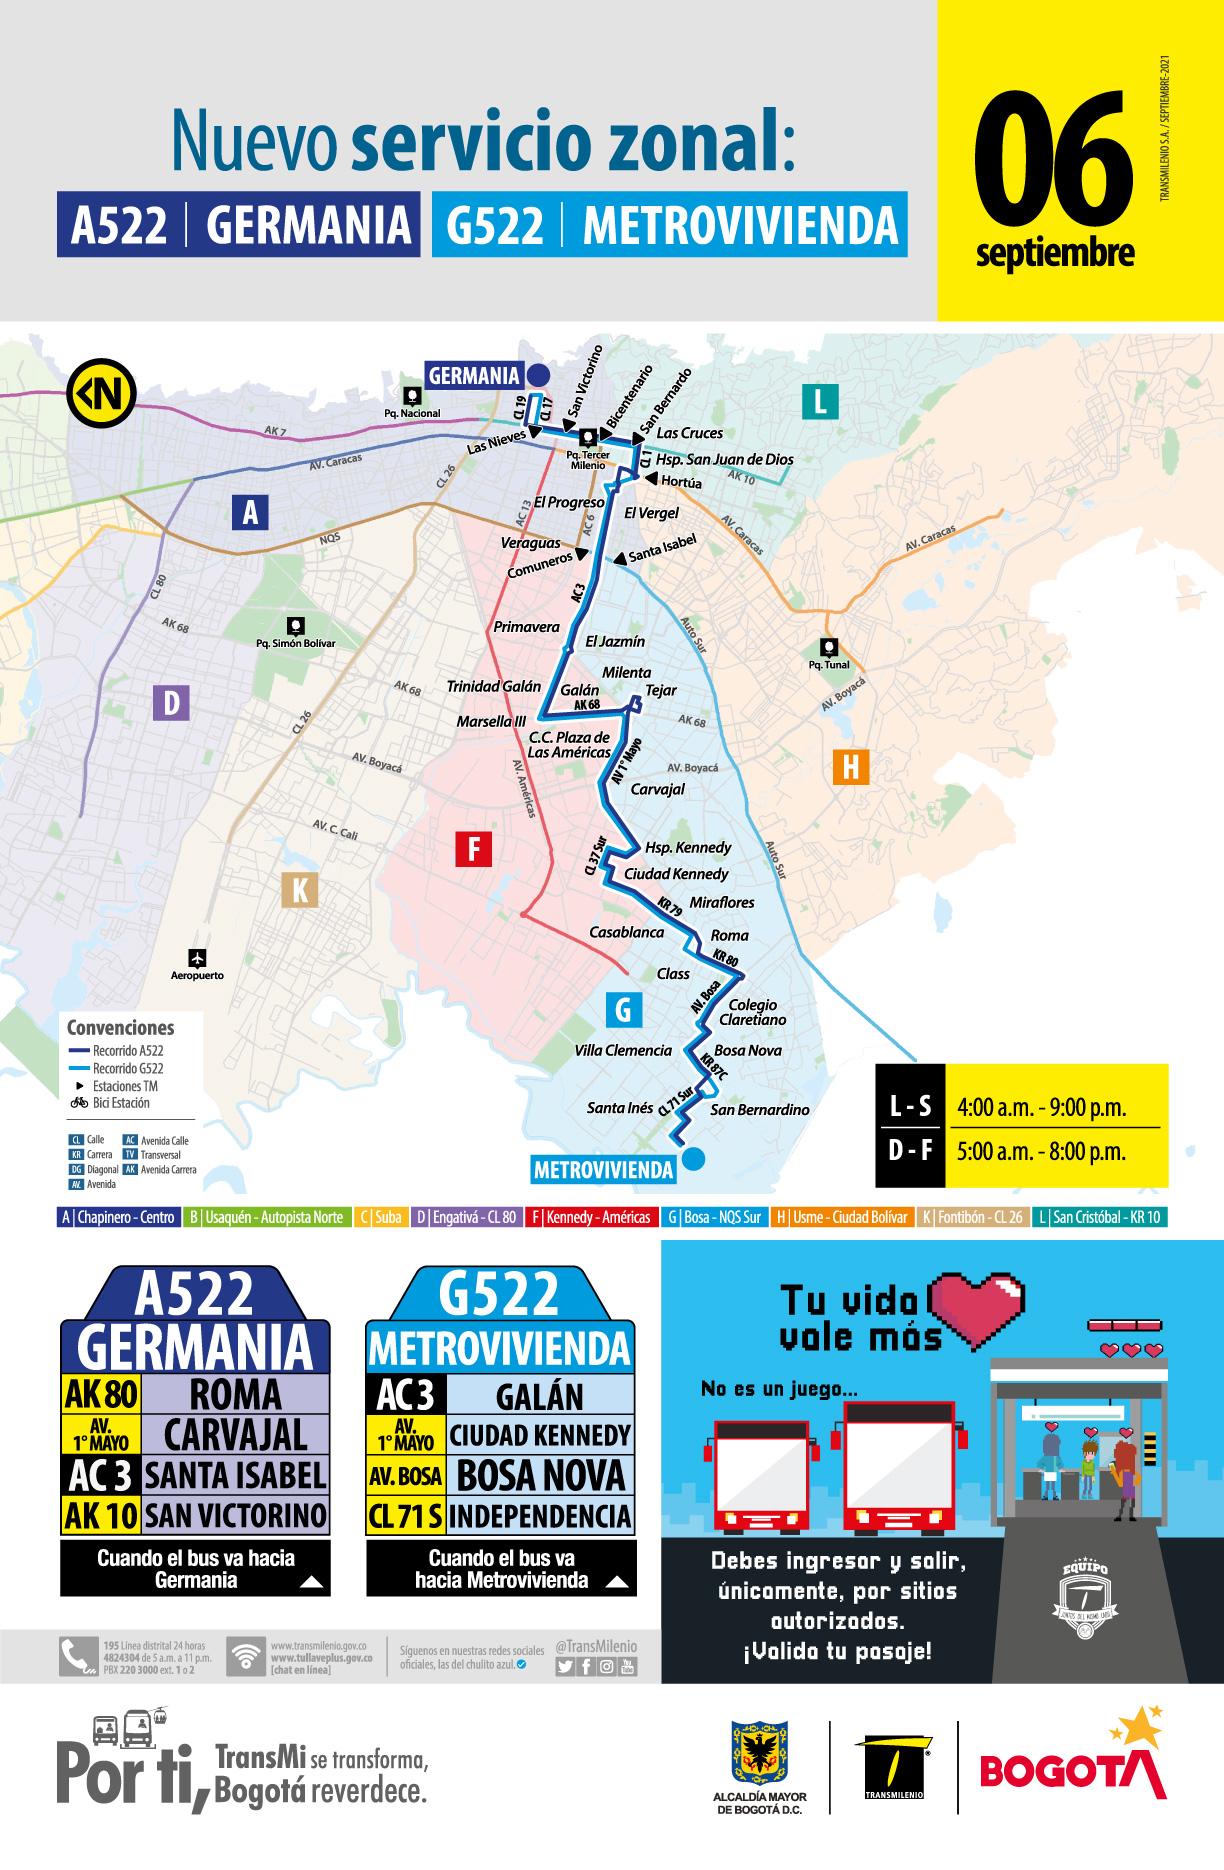 Nuevo servicio zonal A522 Germania - G522 Metrovivienda